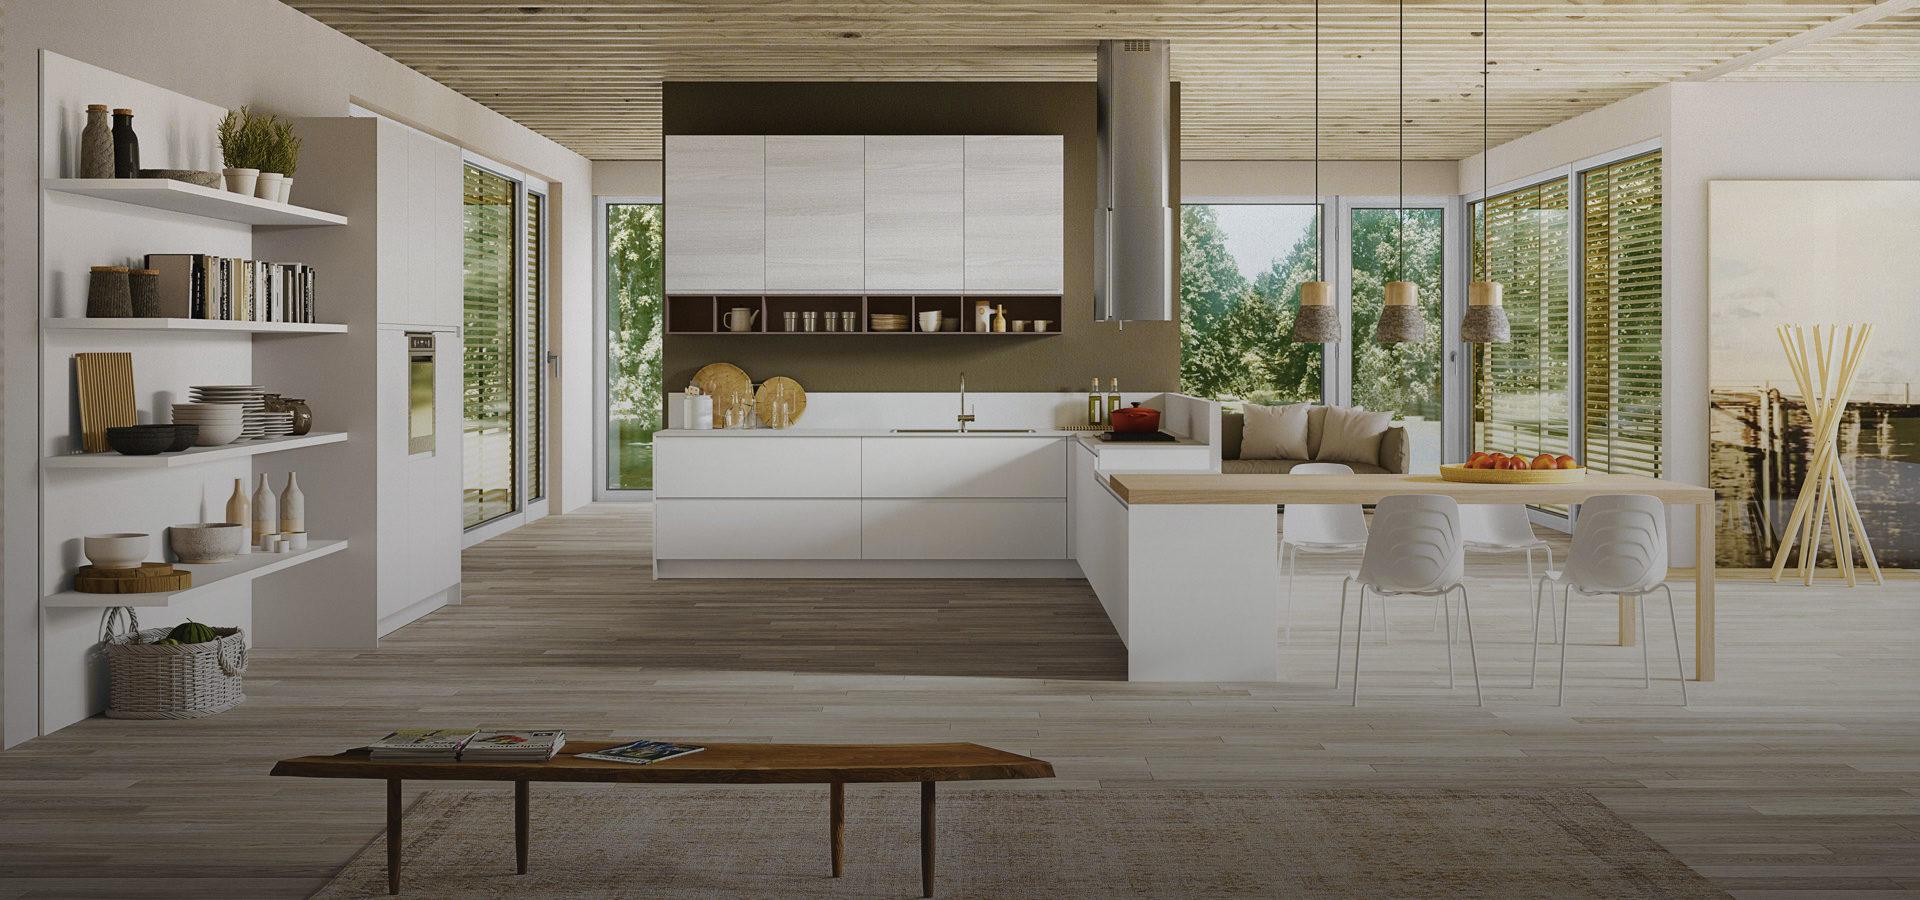 Visma arredo outlet occasioni su cucine e mobili per la for Visma arredo cucine